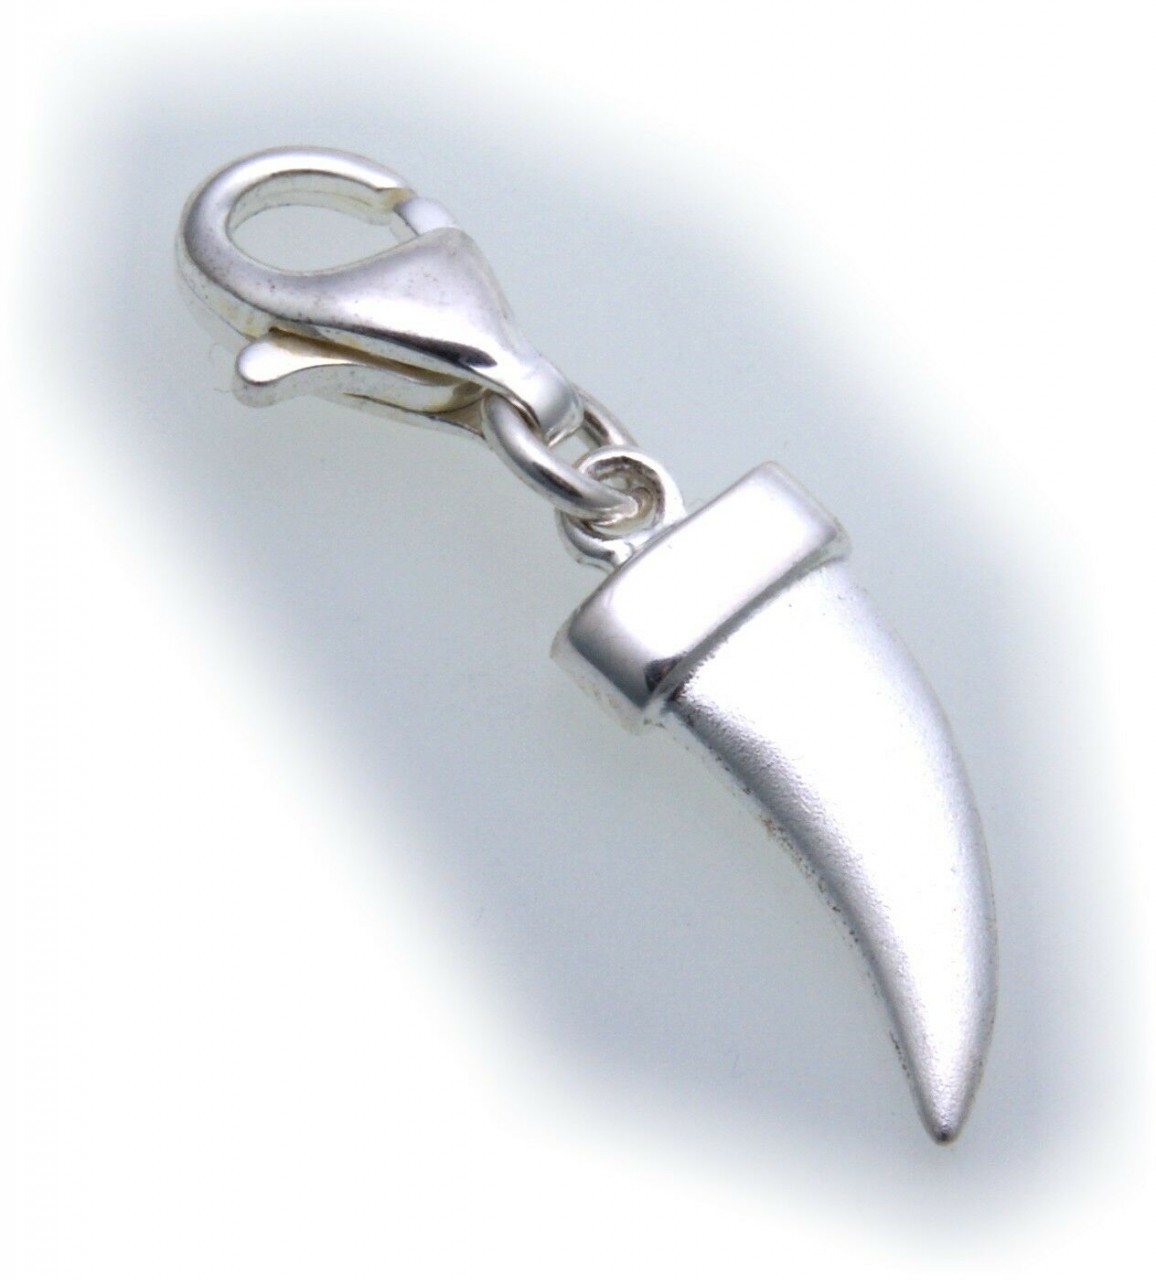 Charm Zahn echt Silber 925 matt Einhänger Charms Bettelarmband Sterlingsilber